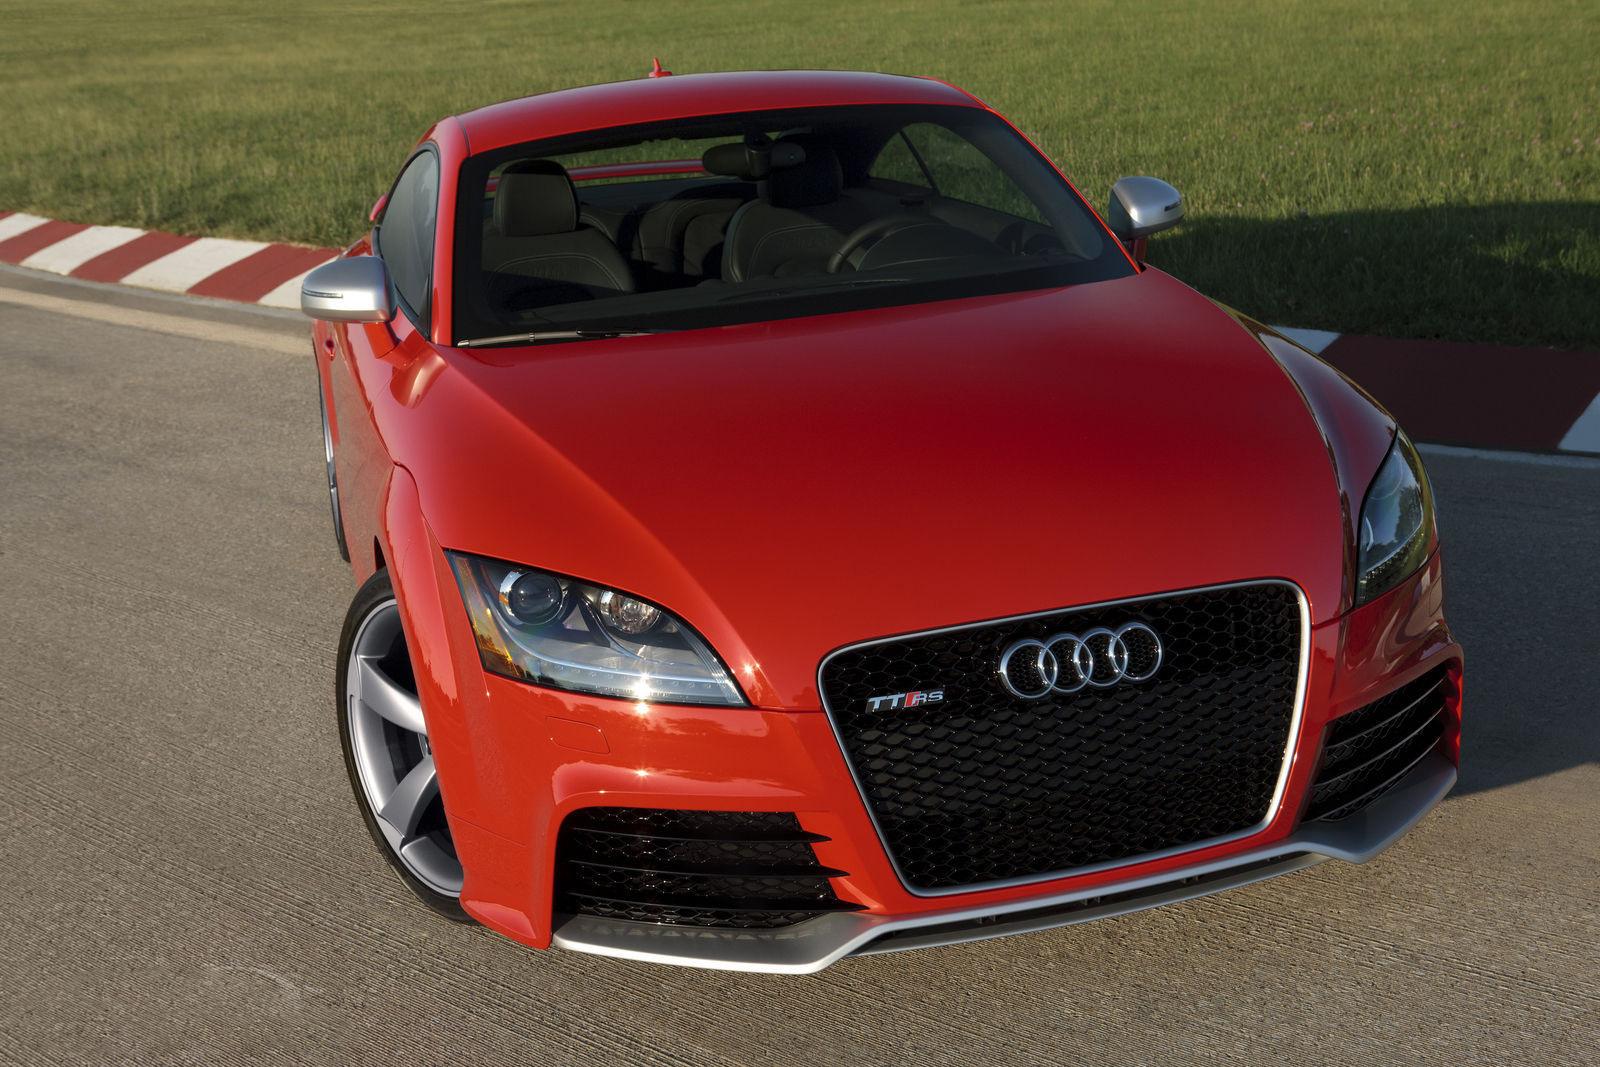 красный черный автомобиль Audi TT red black car  № 2626180 загрузить